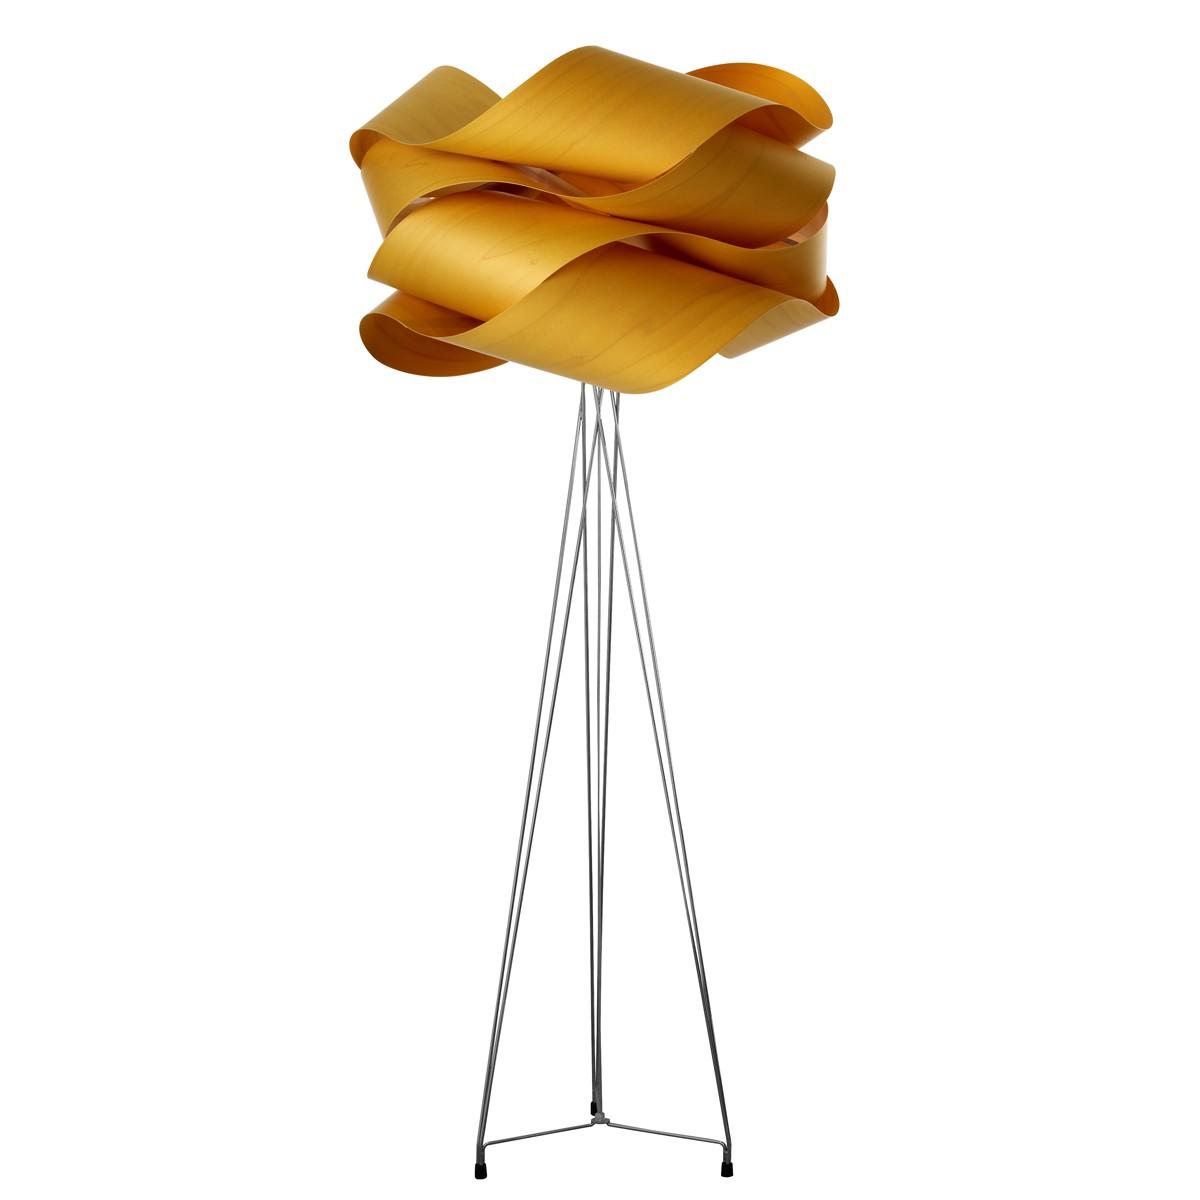 LZF Lamps Link Stehleuchte, Schirm: gelb